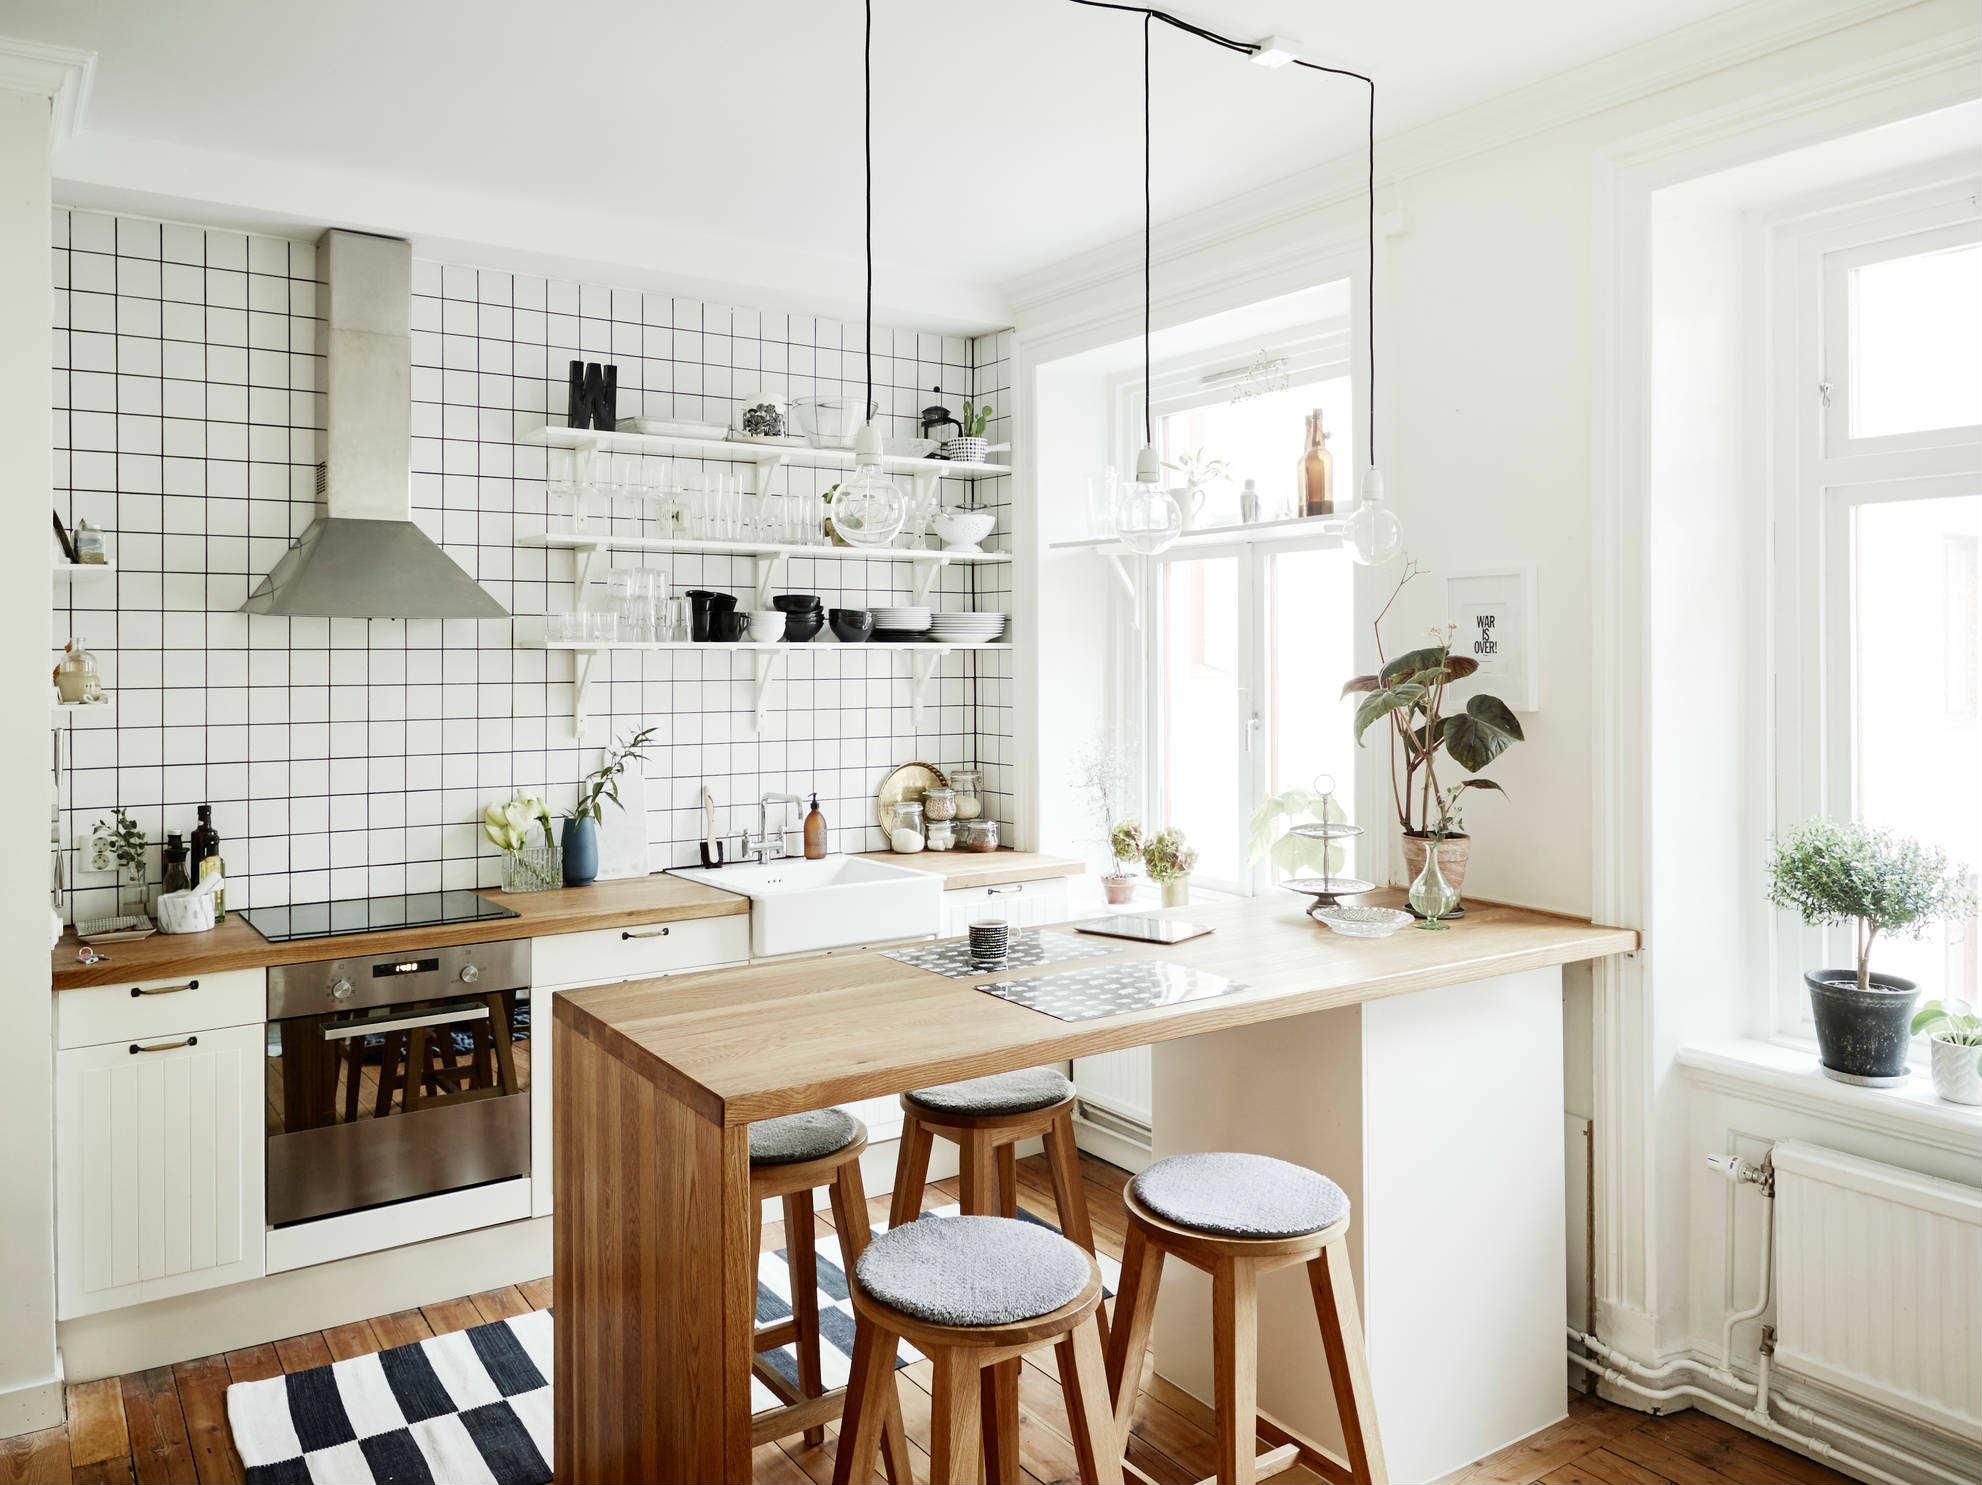 Desain dapur ala skandinavia